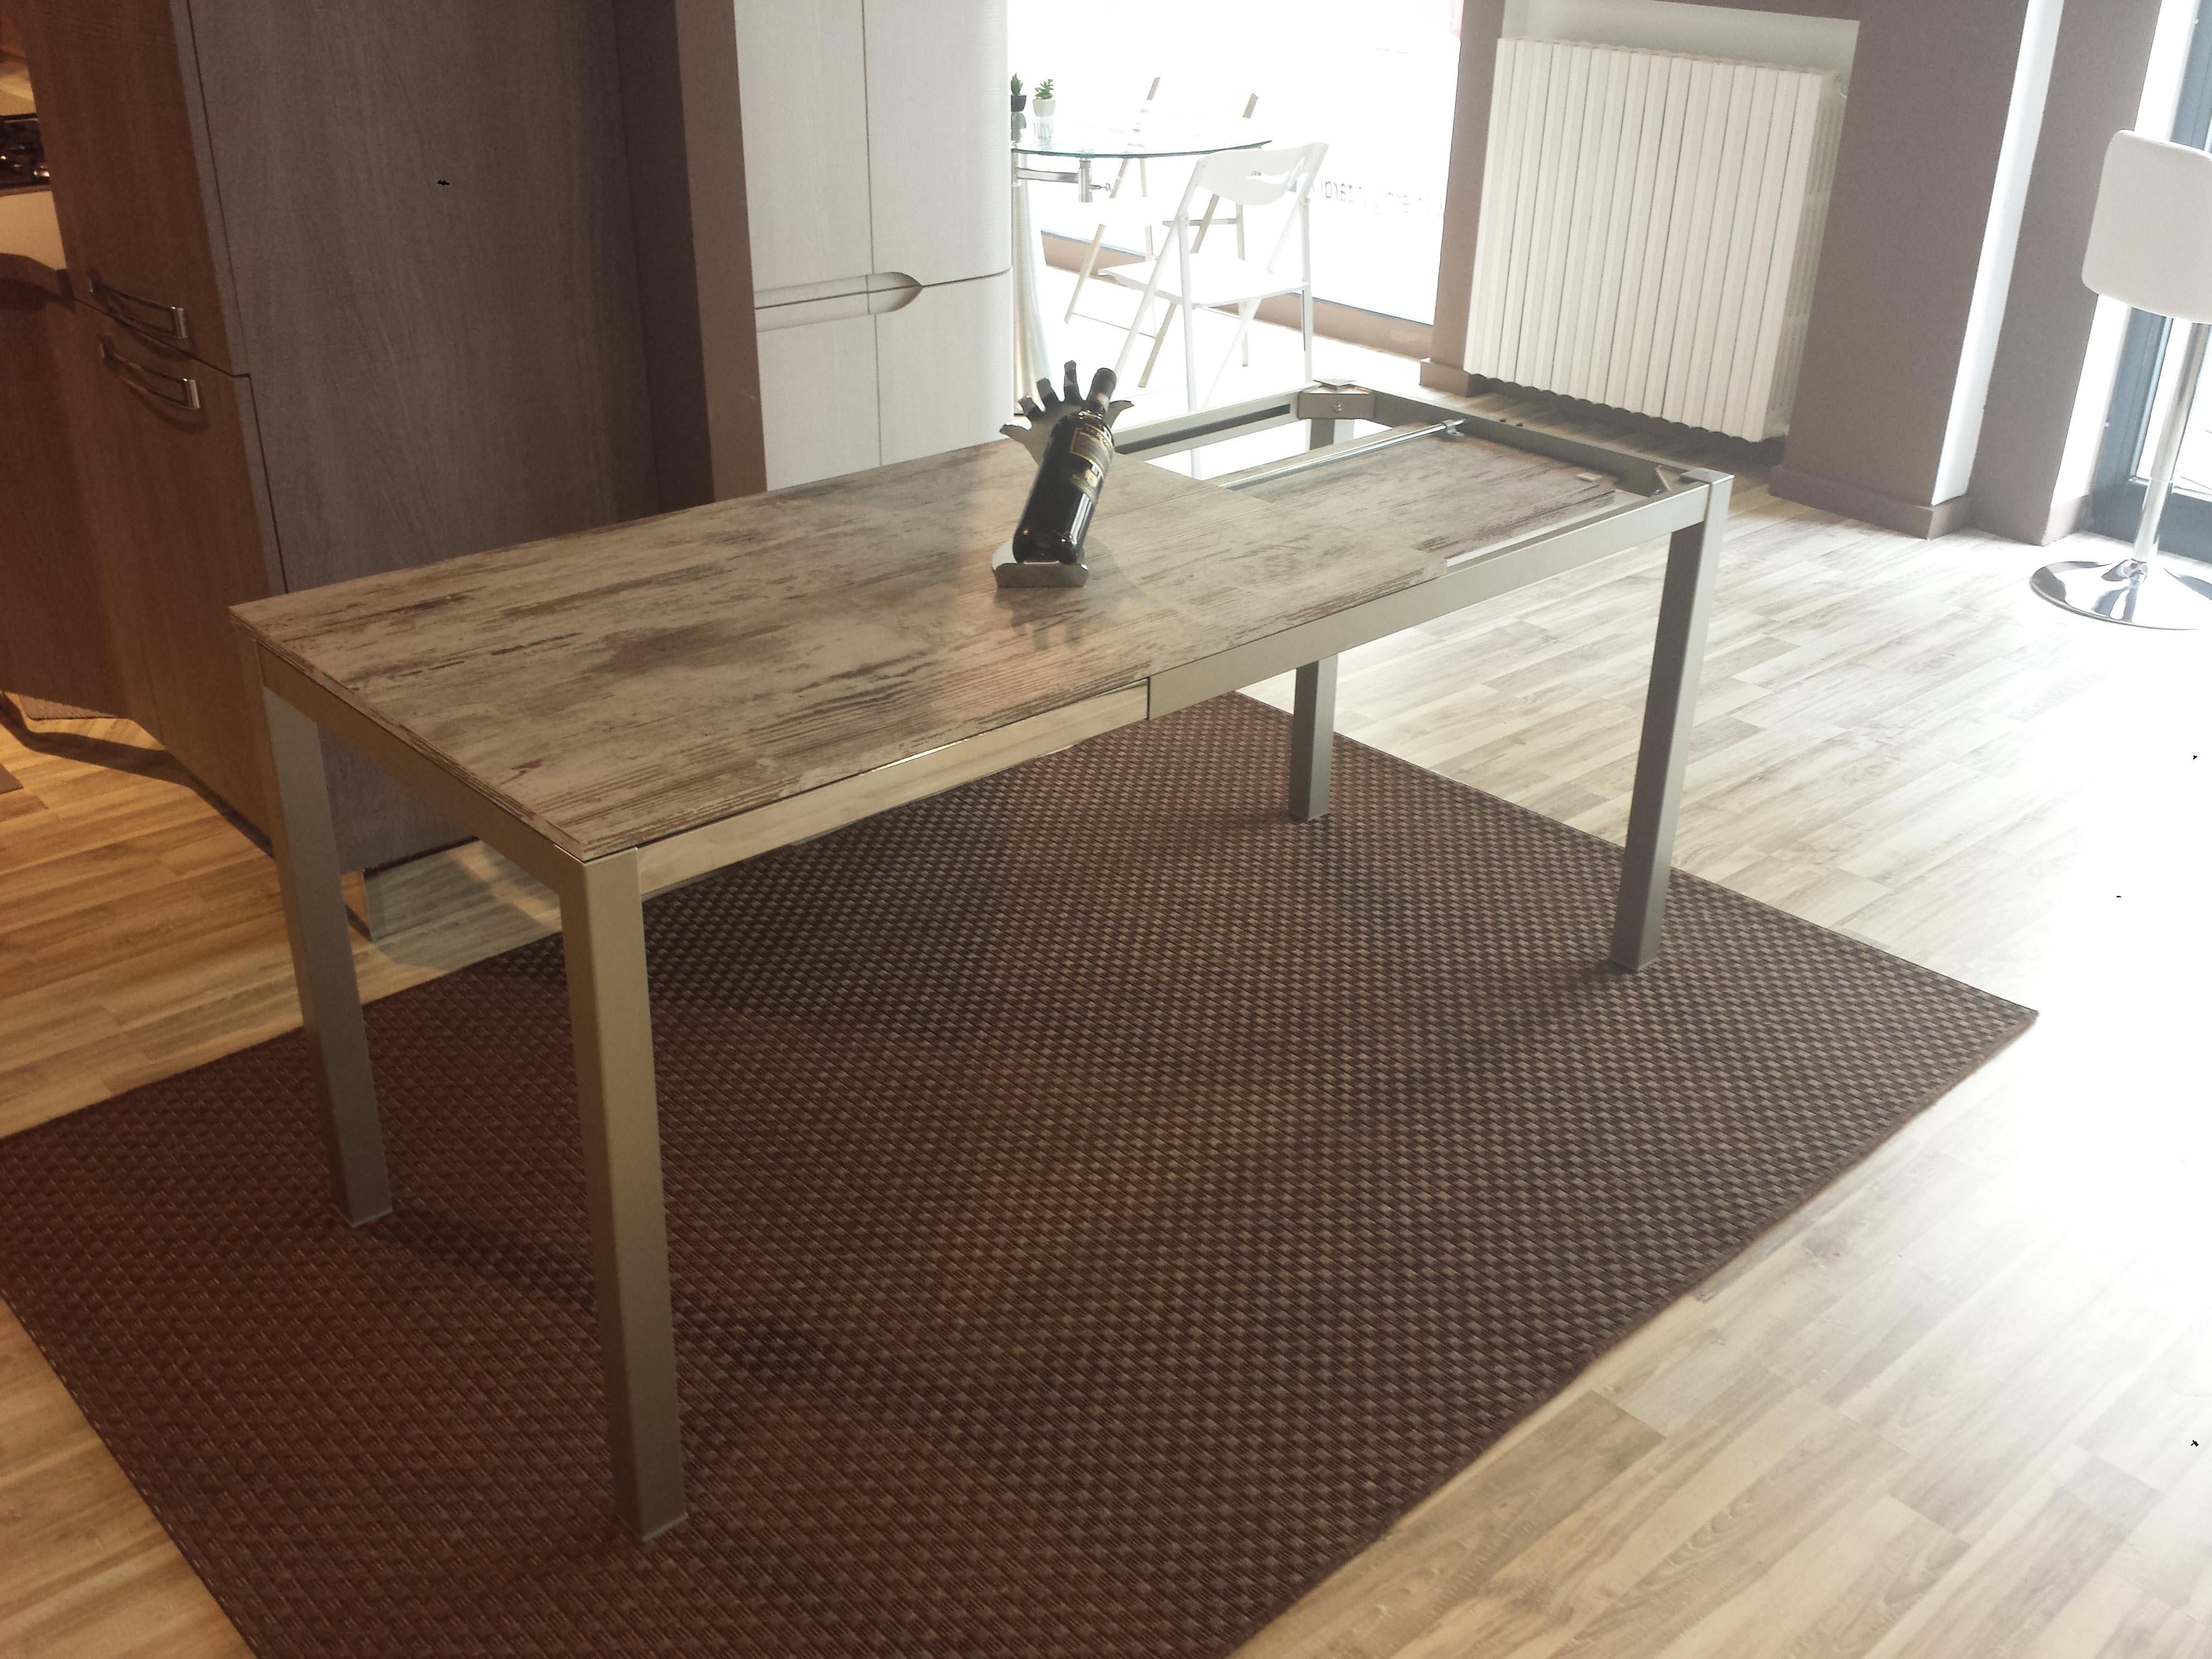 tavolo da cucina allungabile kitchen - tavoli a prezzi scontati - Tavolino Cucina